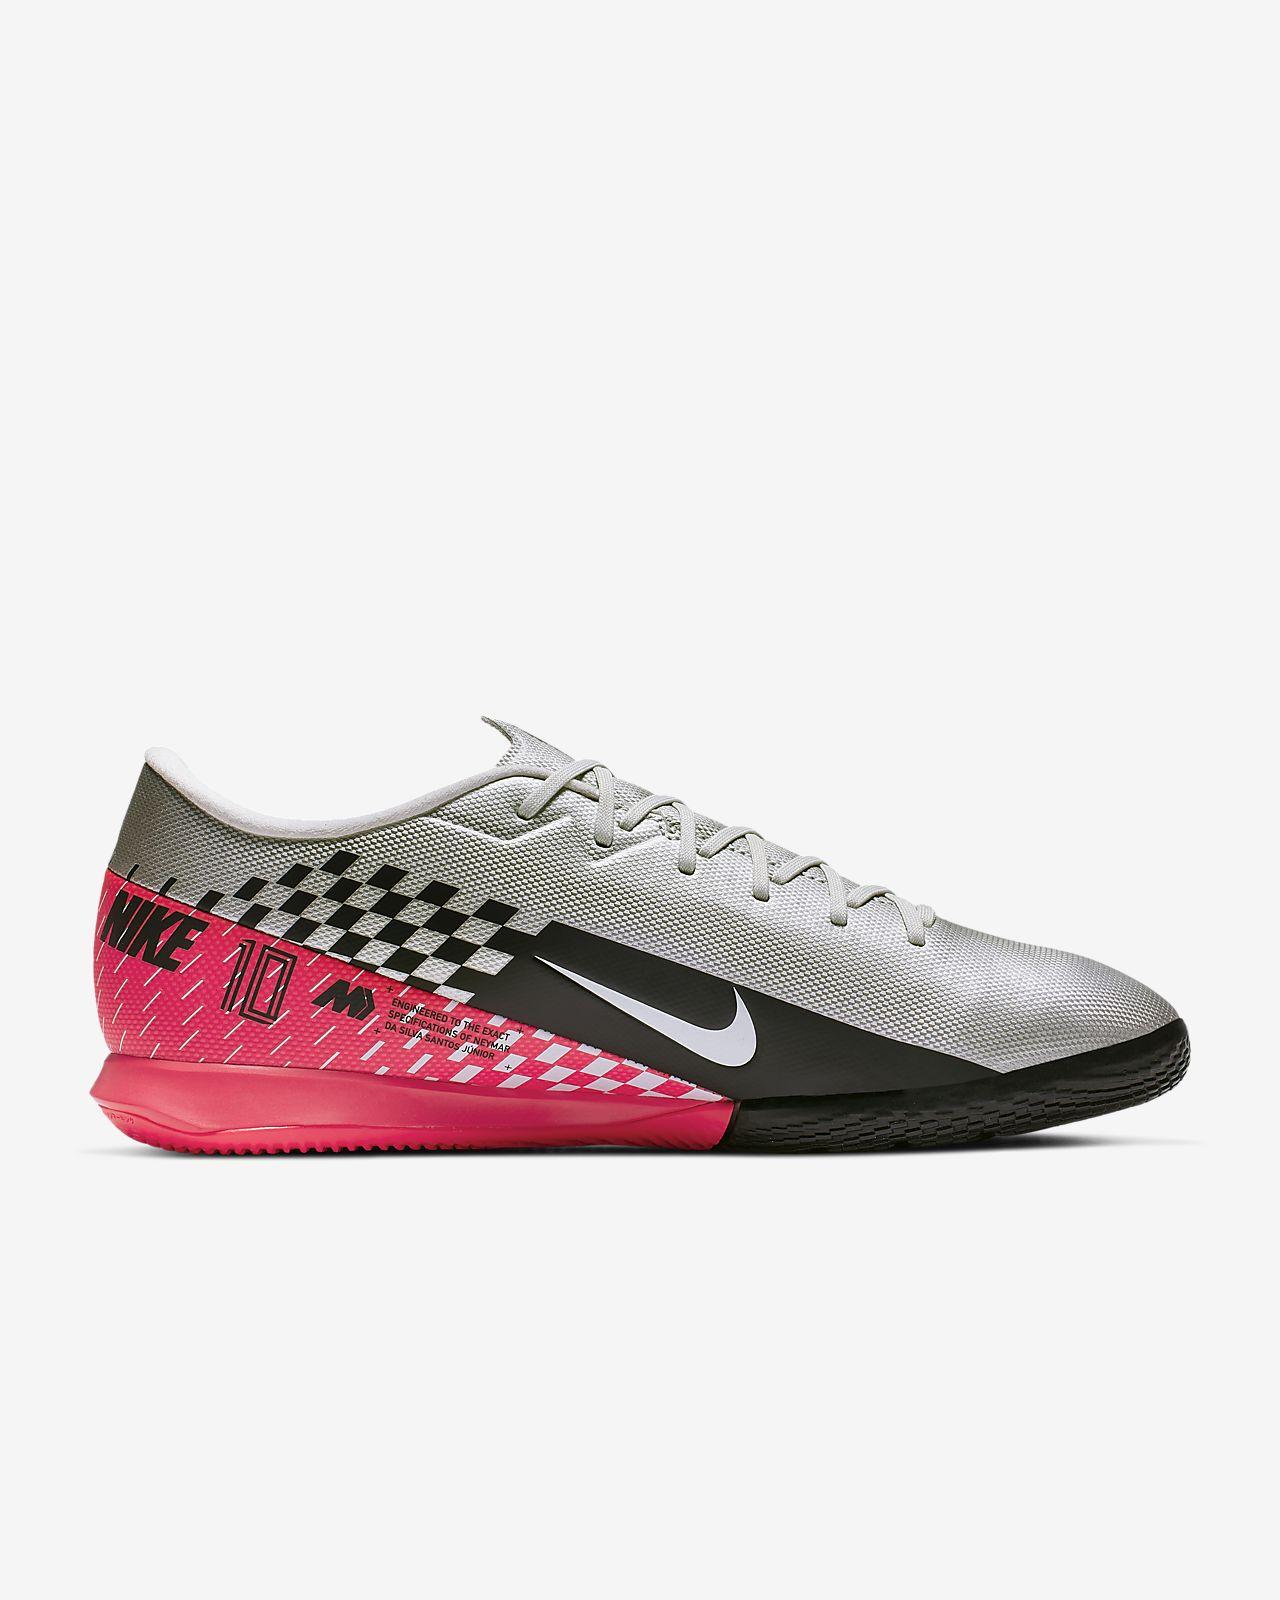 Rabatt Nike Jr. Mercurial Vapor 13 Club Neymar Jr. IC